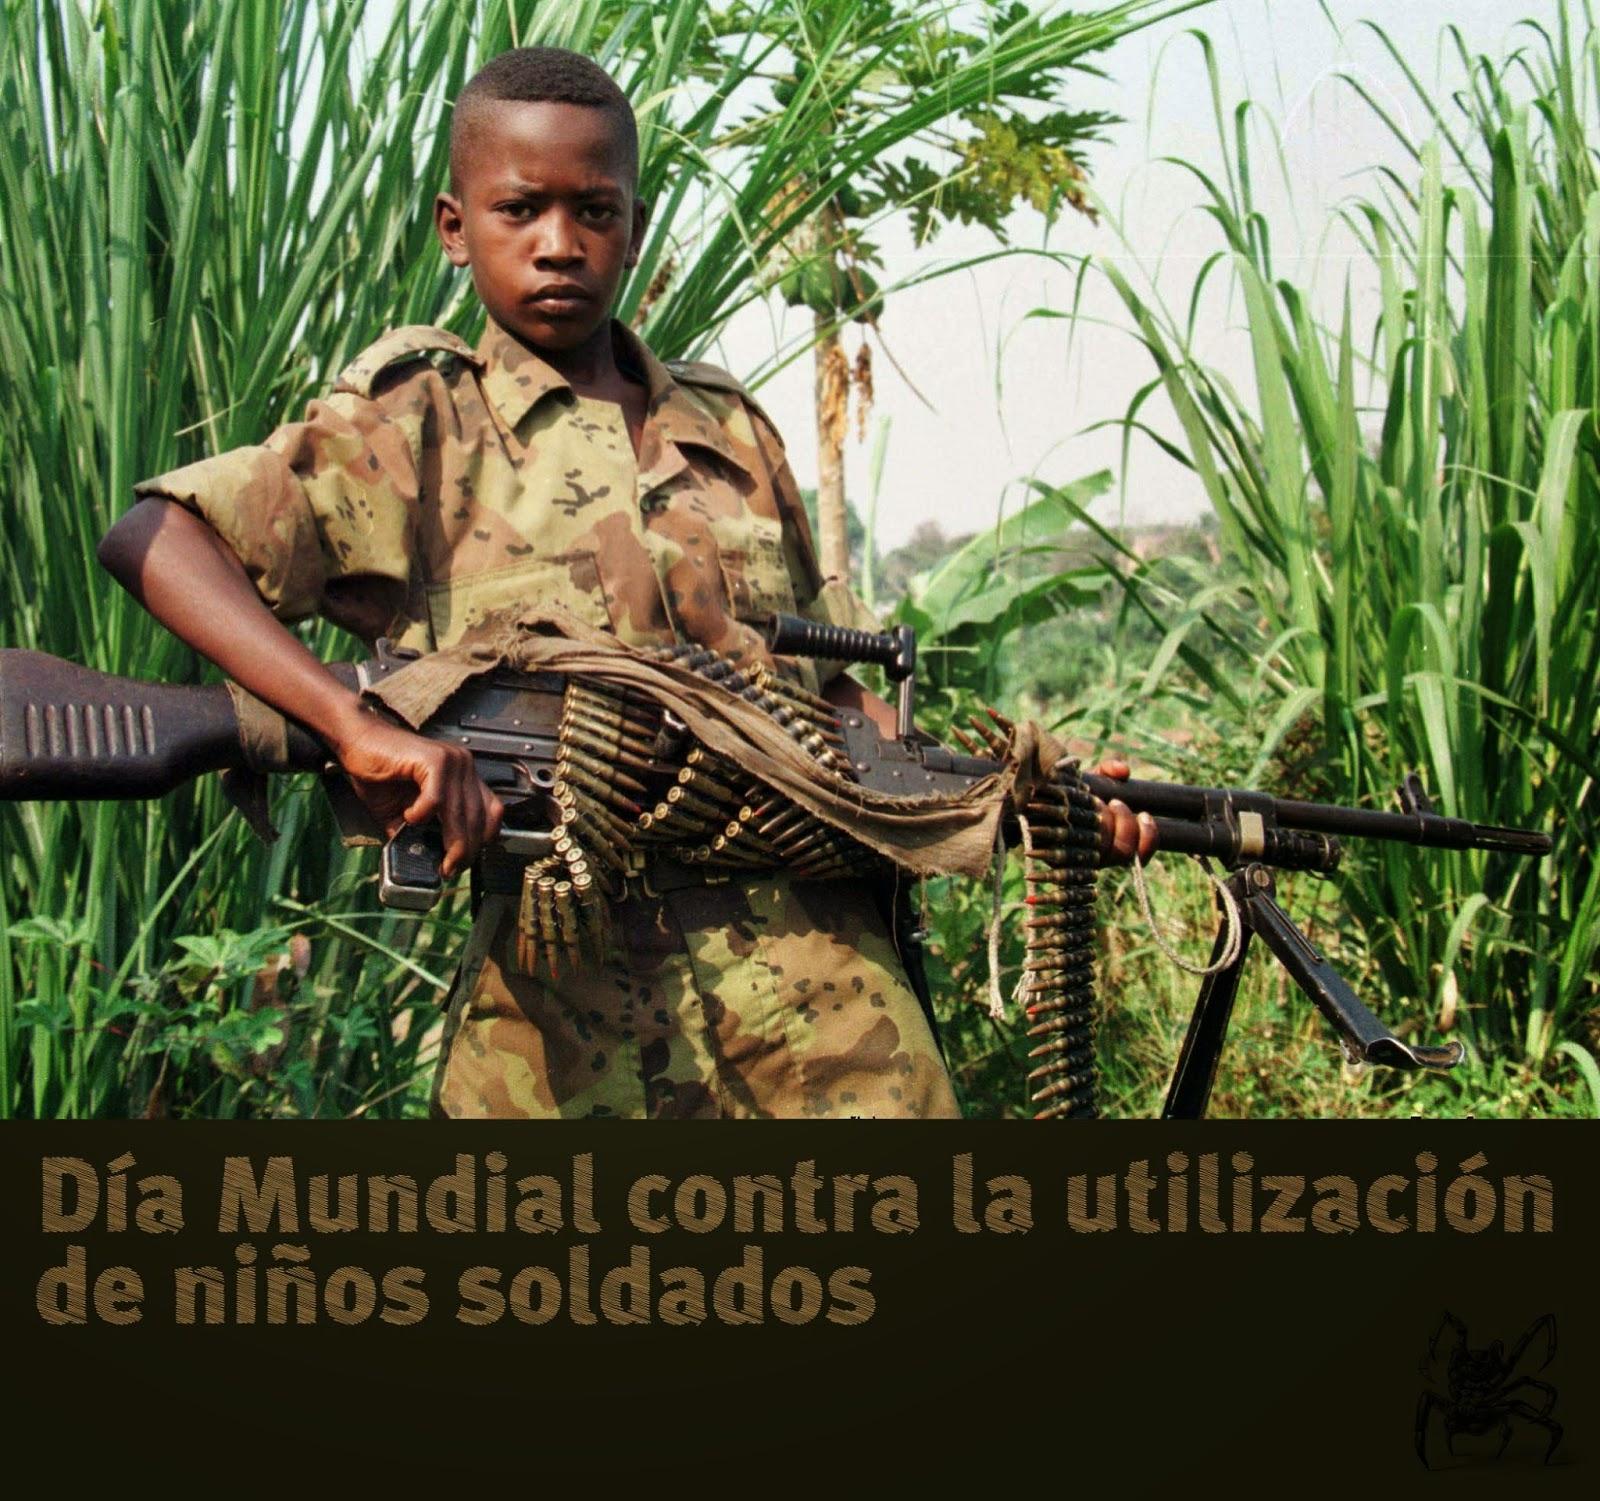 El 12 de febrero es el día mundial contra la utilización de niños soldados, en la imagen un niño con un arma autamatica